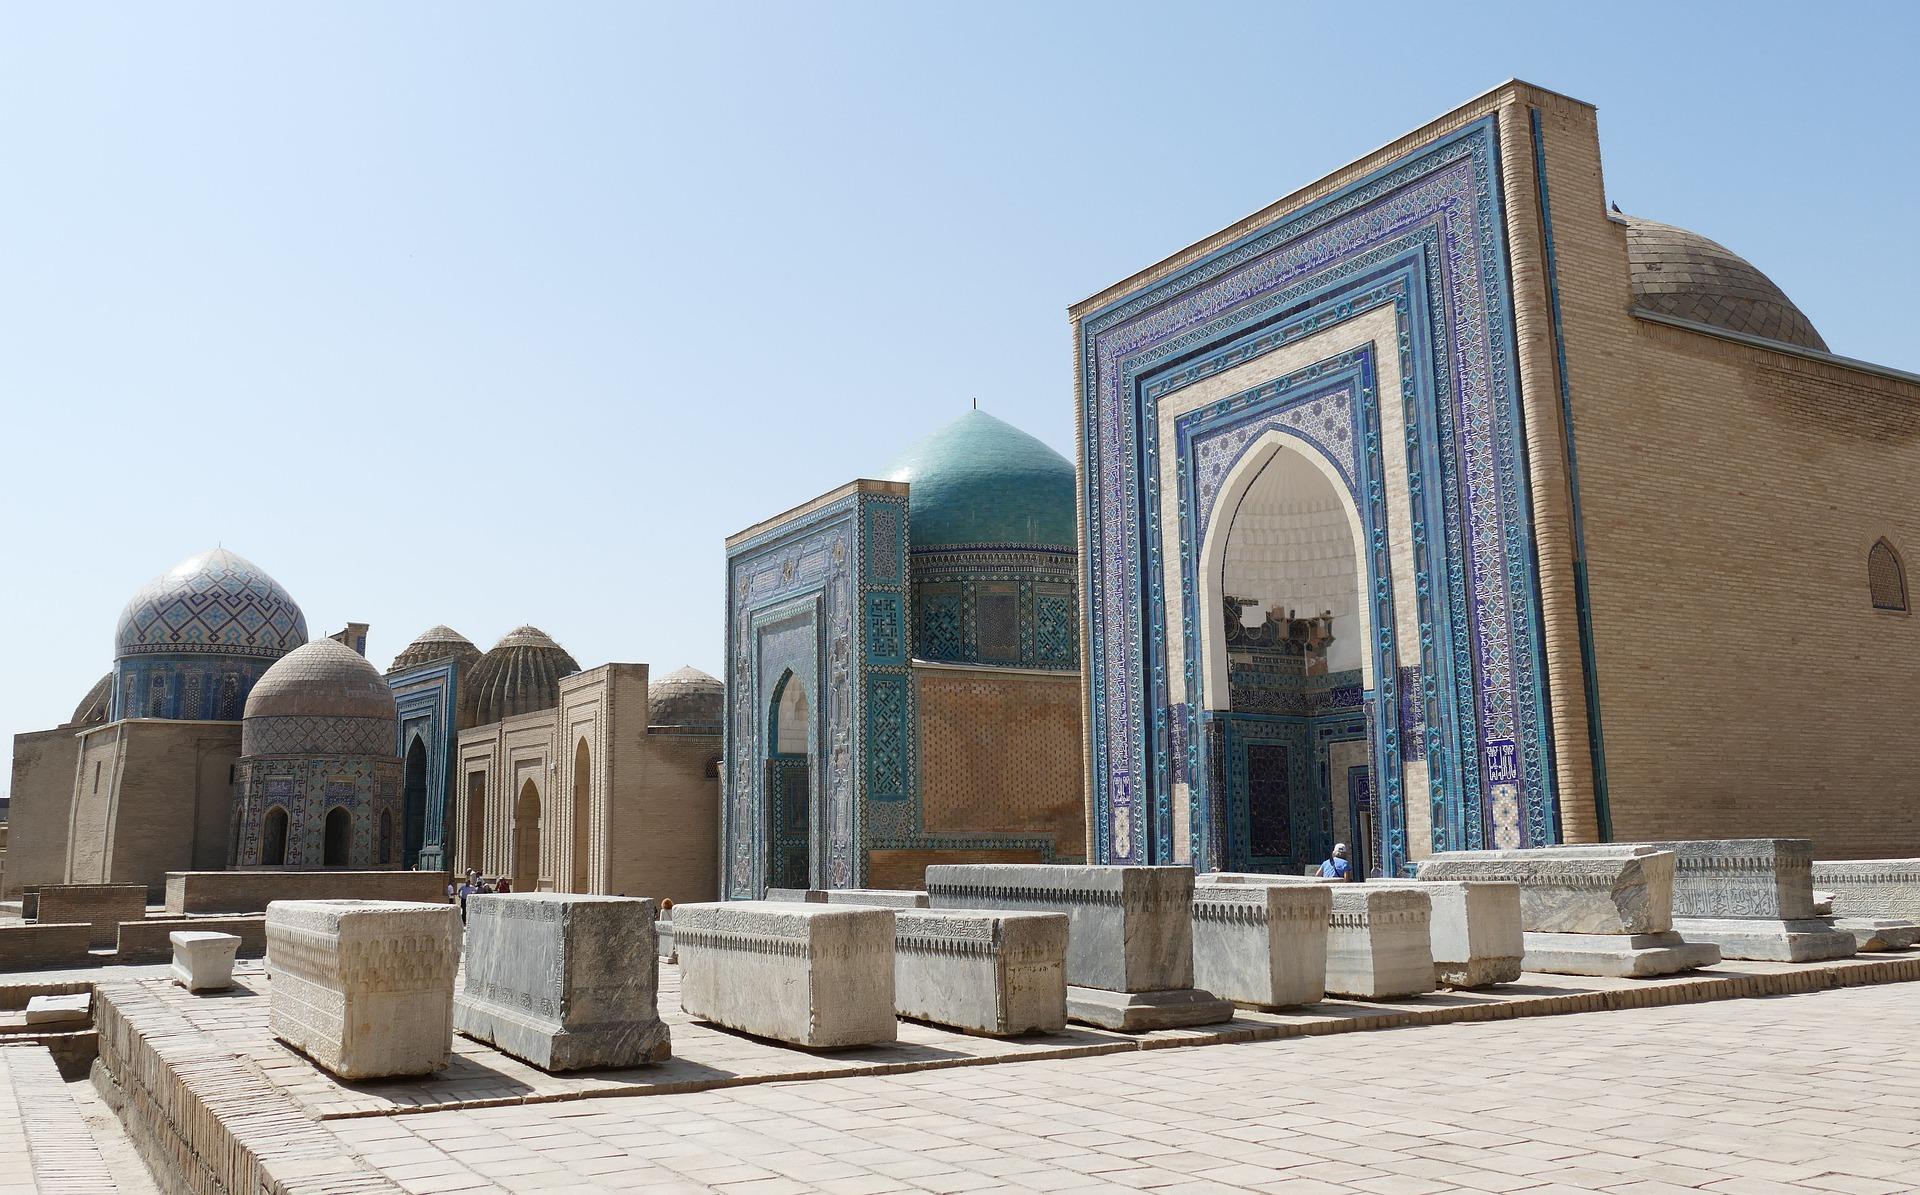 Séjour nature culture guidé en Ouzbékistan